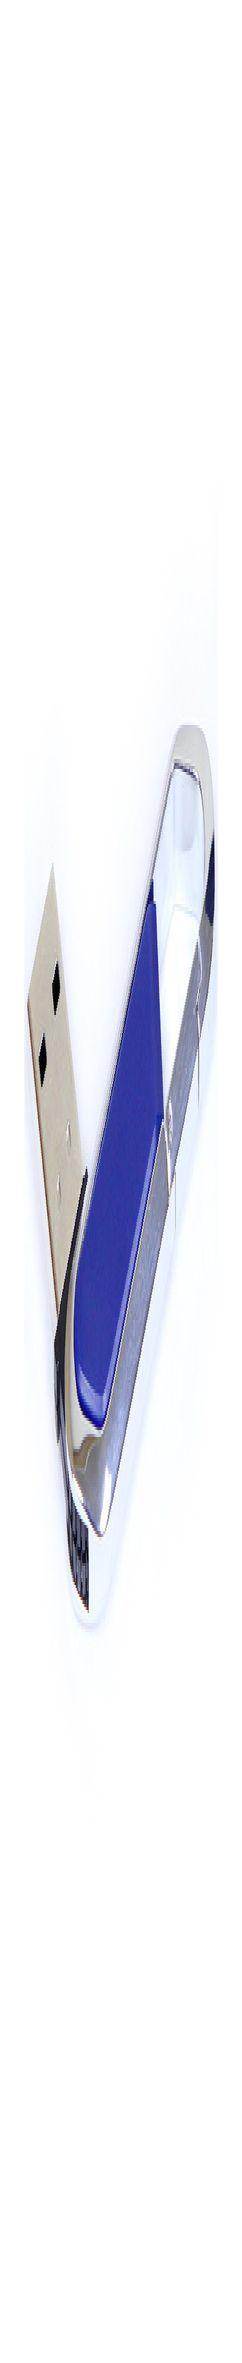 Флешка Карабин, пластиковая с металлической вставкой, синяя, 32Гб фото